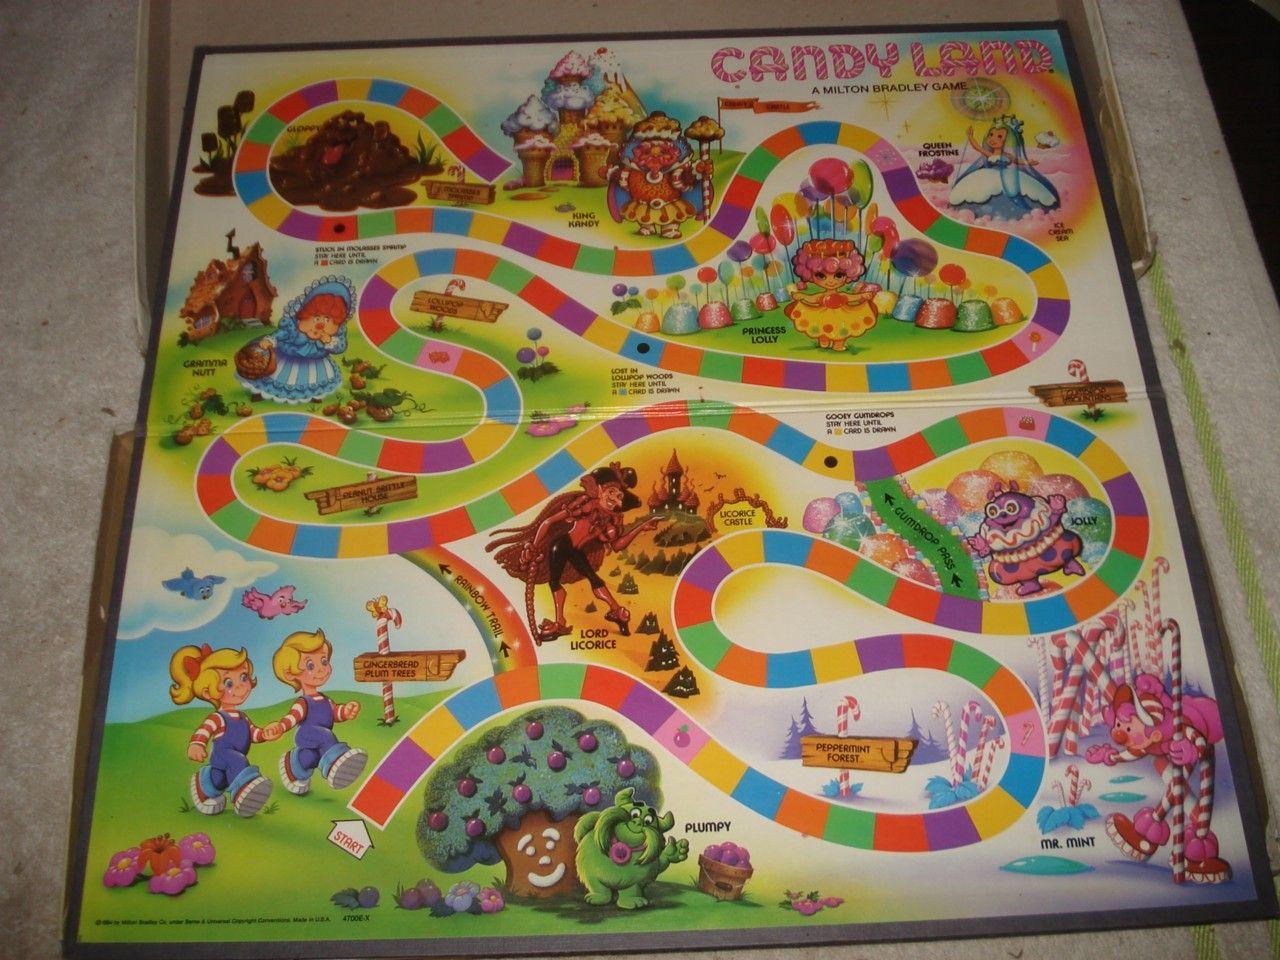 Auctiva Image Hosting Candyland Vintage Board Games Candyland Board Game